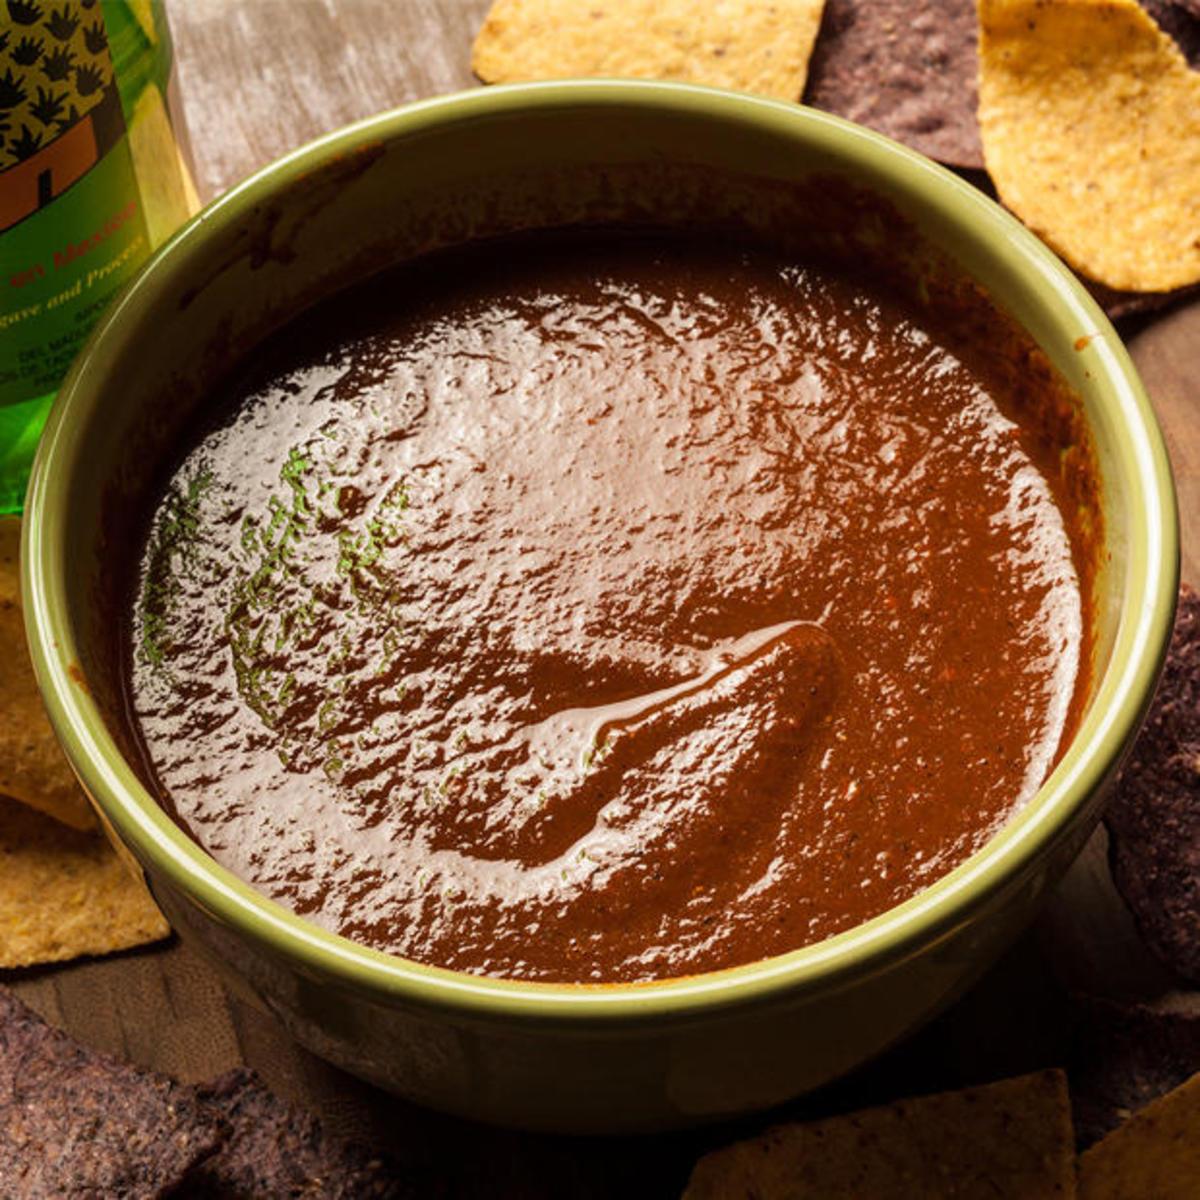 Spicy Mezcal Salsa